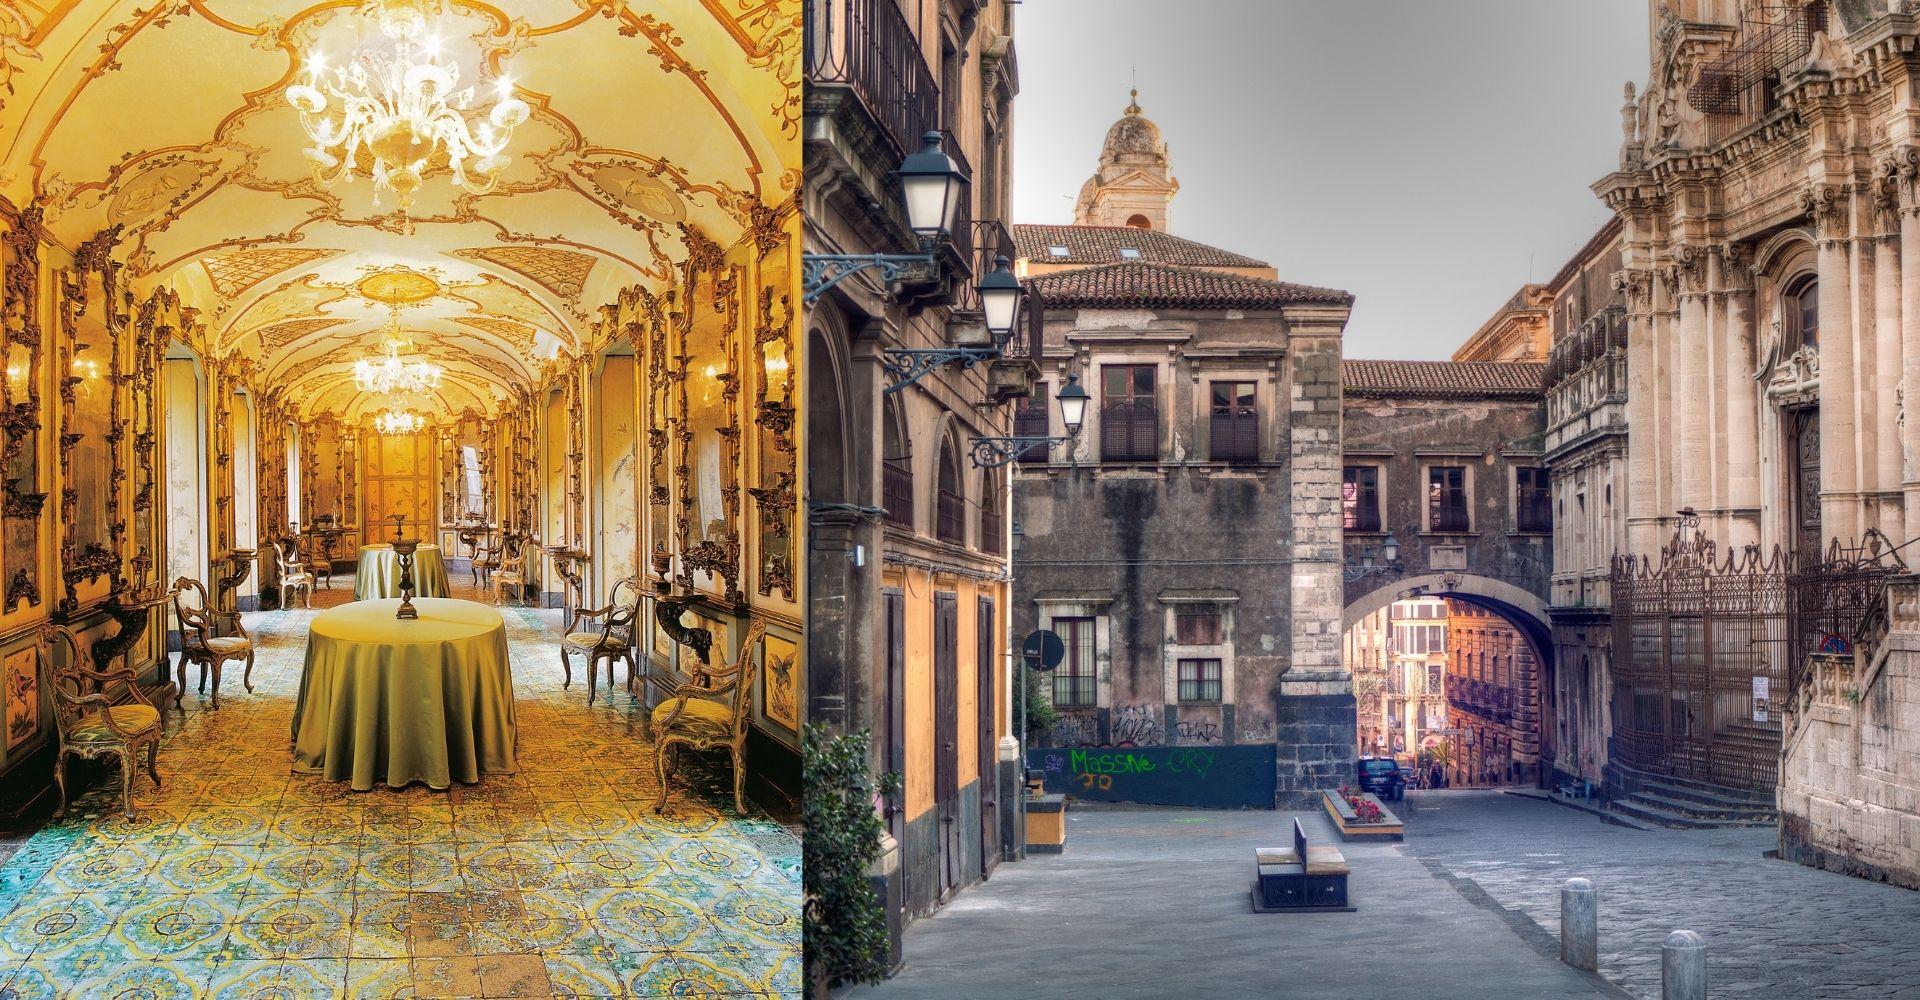 Sala del palazzo Biscari di Catania e vista di via dei Crociferi di Catania